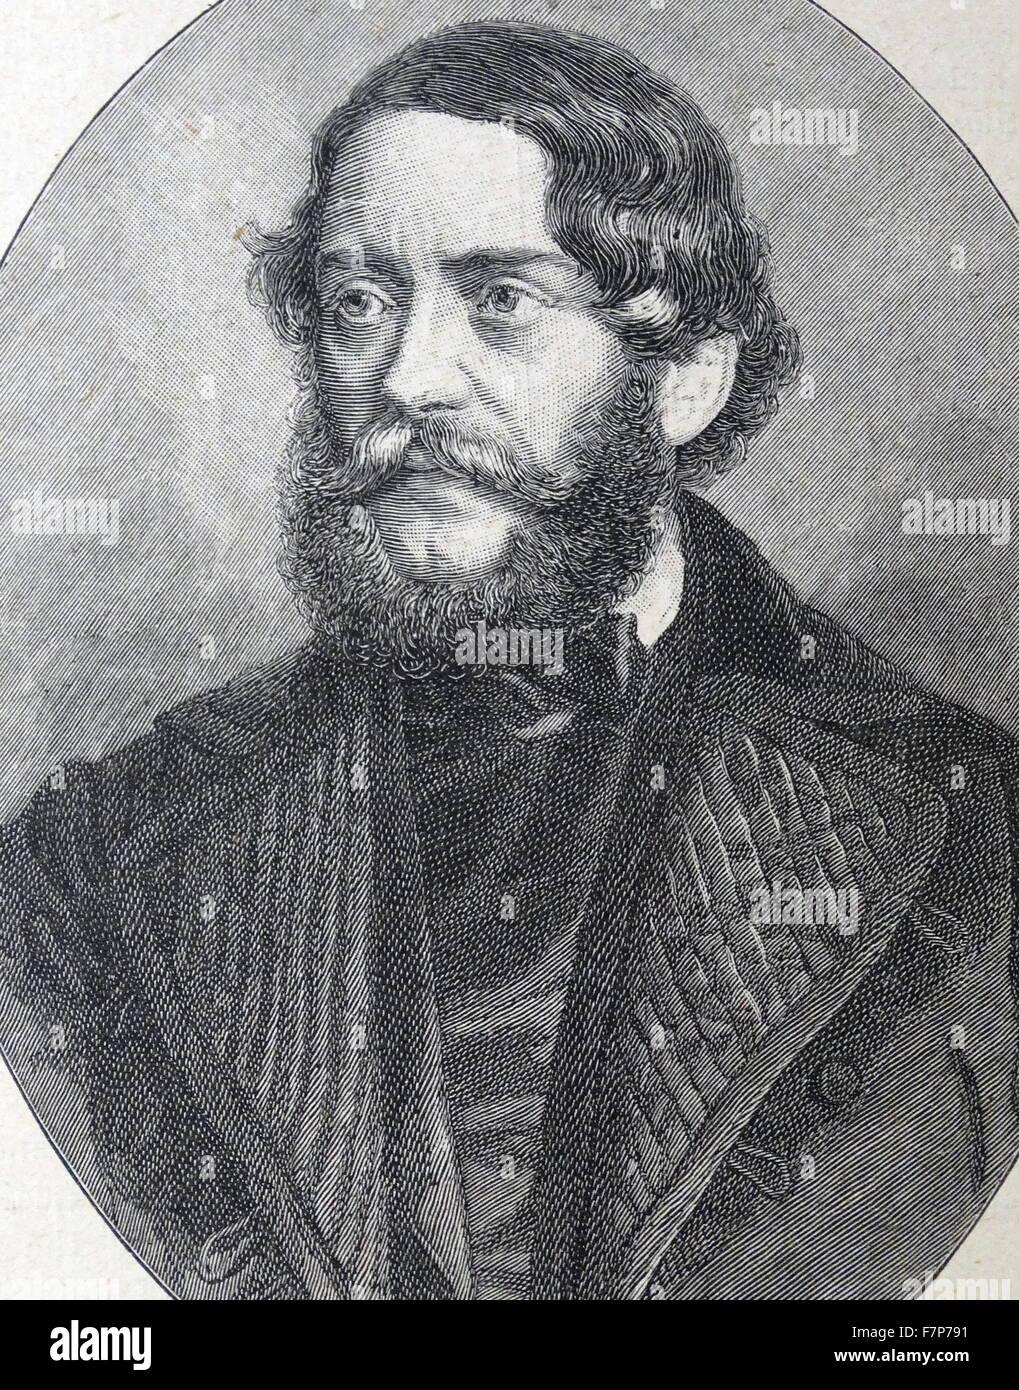 Lajos KOSSUTH - 1802-94 Hungarian revolutionary - Stock Image